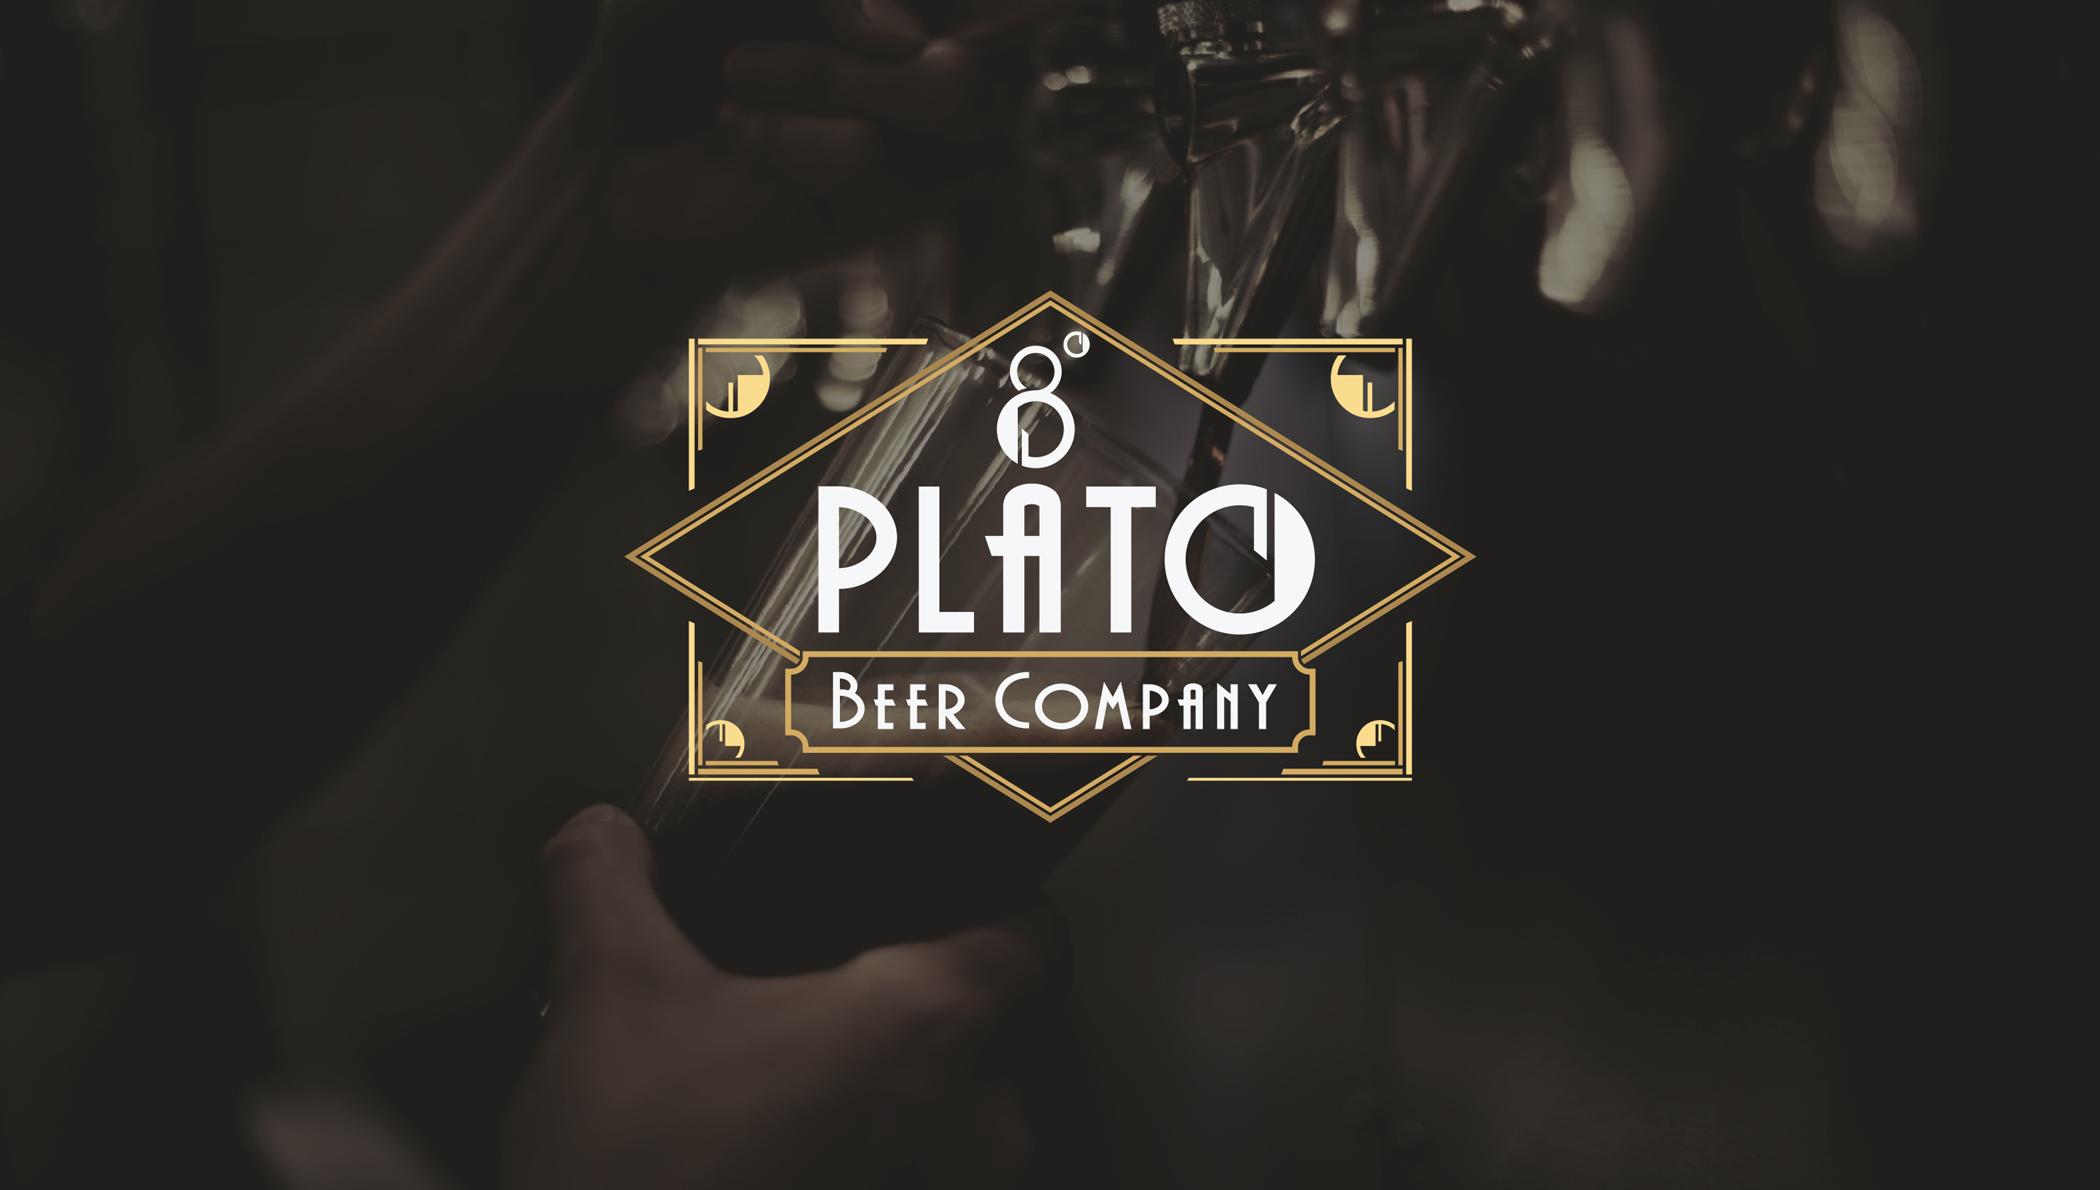 8 DEGREES PLATO BEER COMPANY